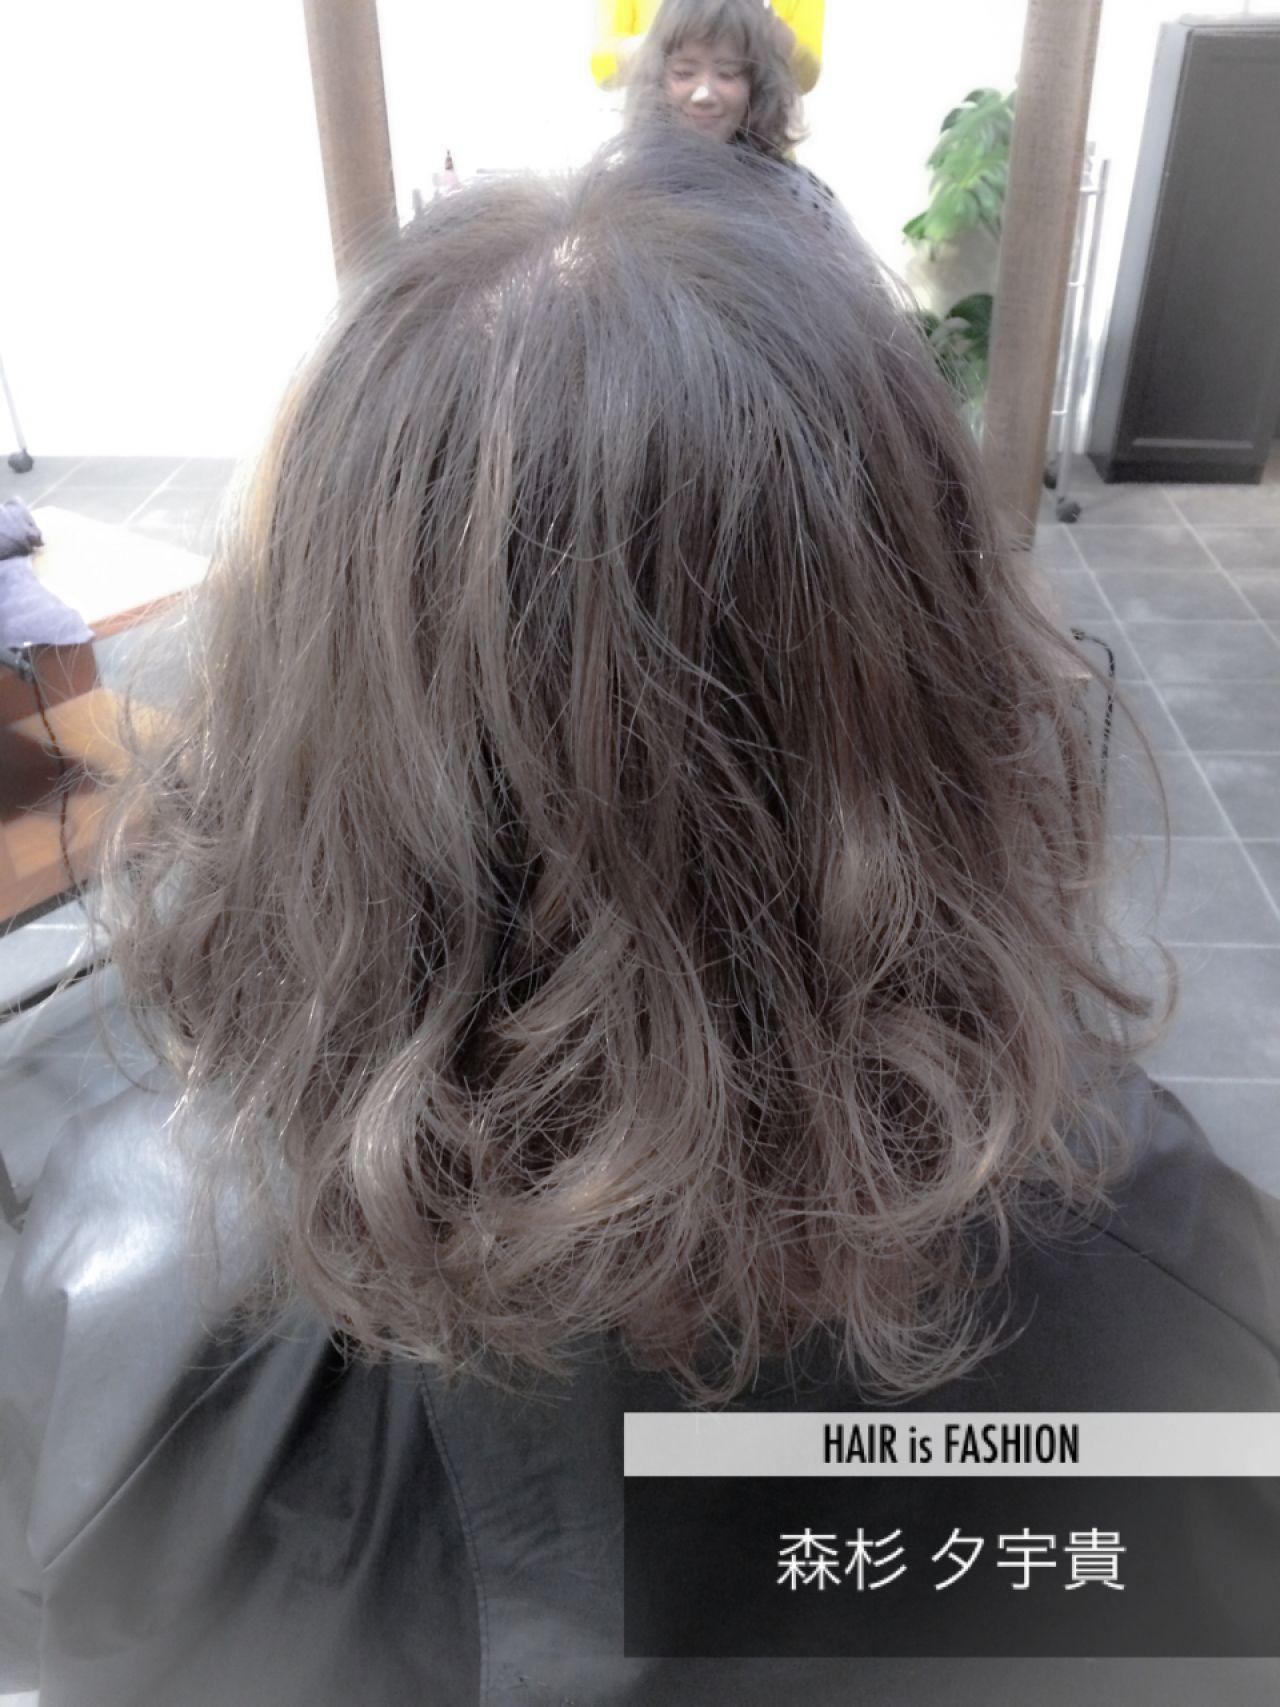 ストリート ウェーブ グレーアッシュ スモーキーアッシュ ヘアスタイルや髪型の写真・画像